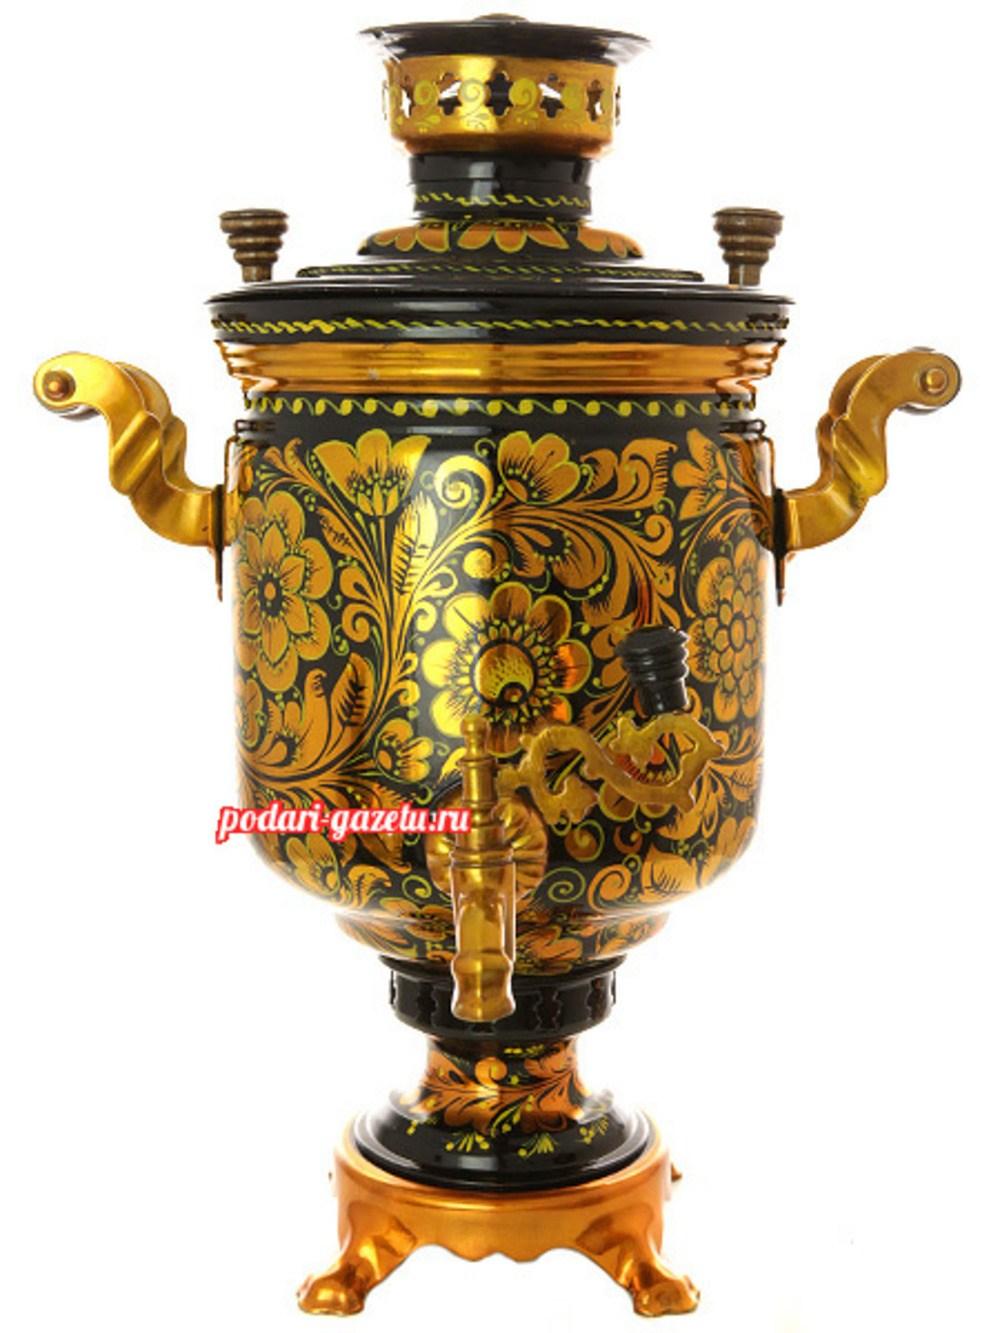 Угольный самовар (жаровый, дровяной) на 7 литров, цилиндр с художественной росписью Золотая хохлома